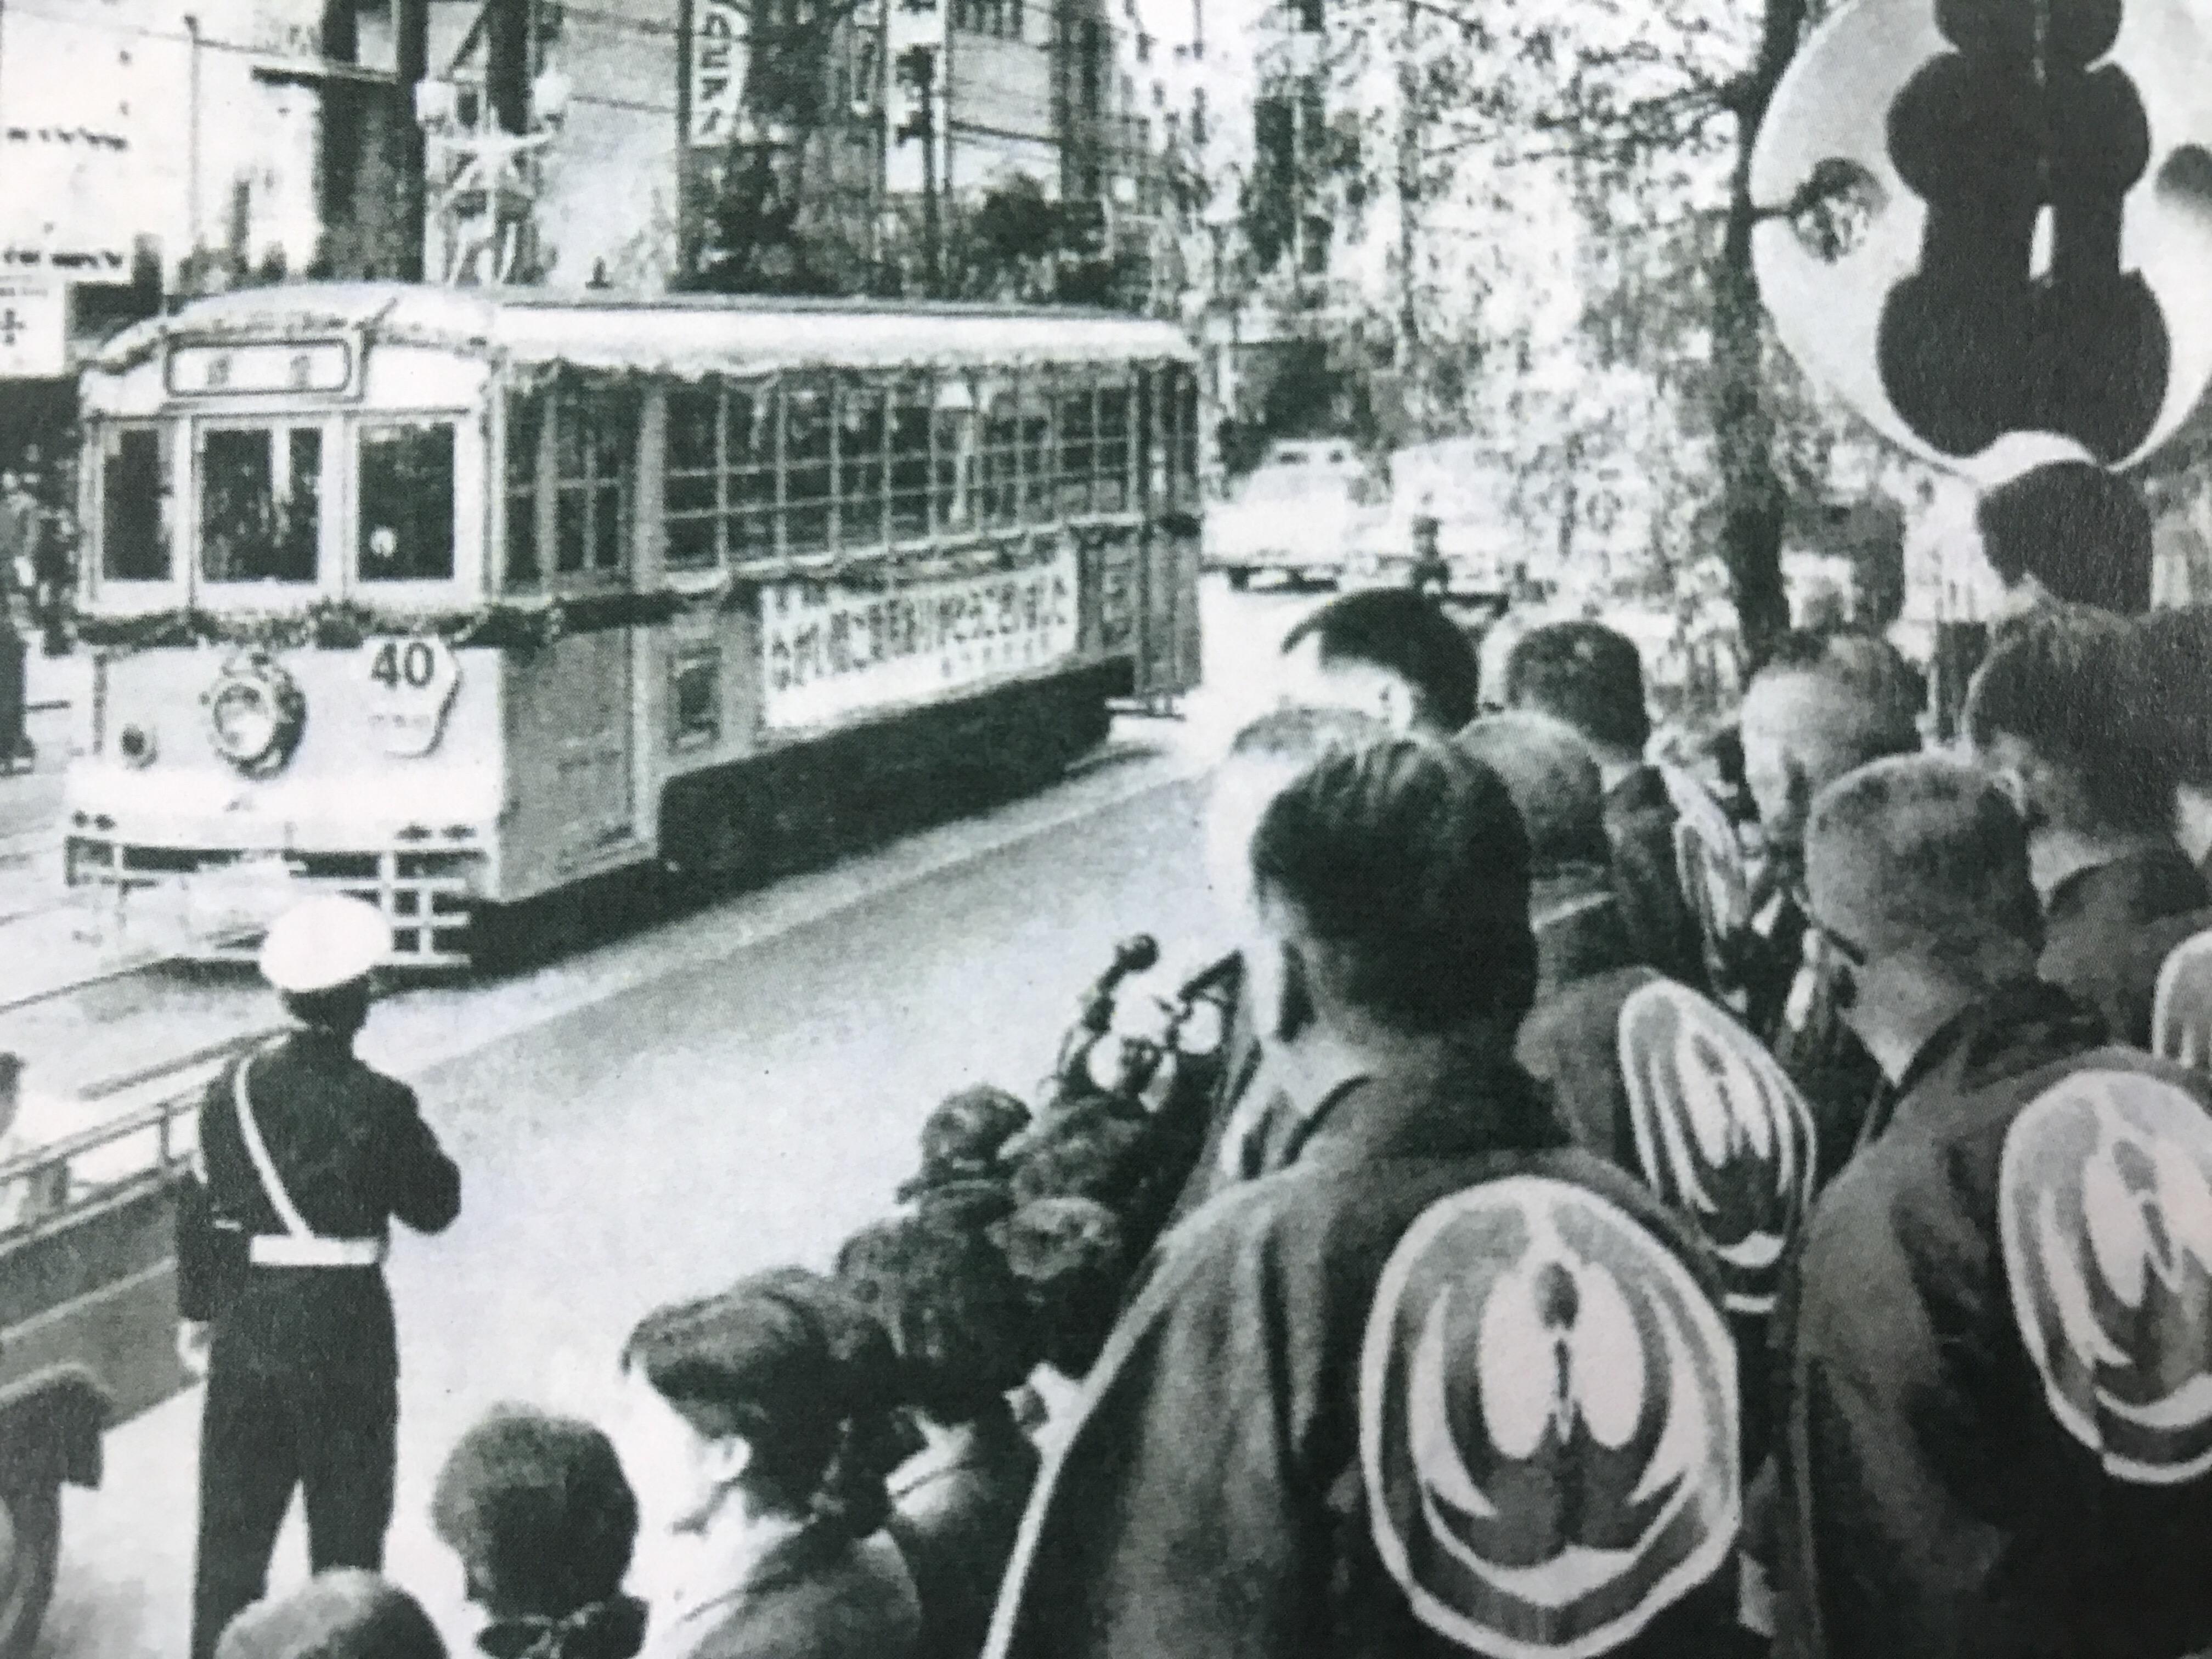 銀座の街を、90年前と現在の写真で比較してわかったこと。